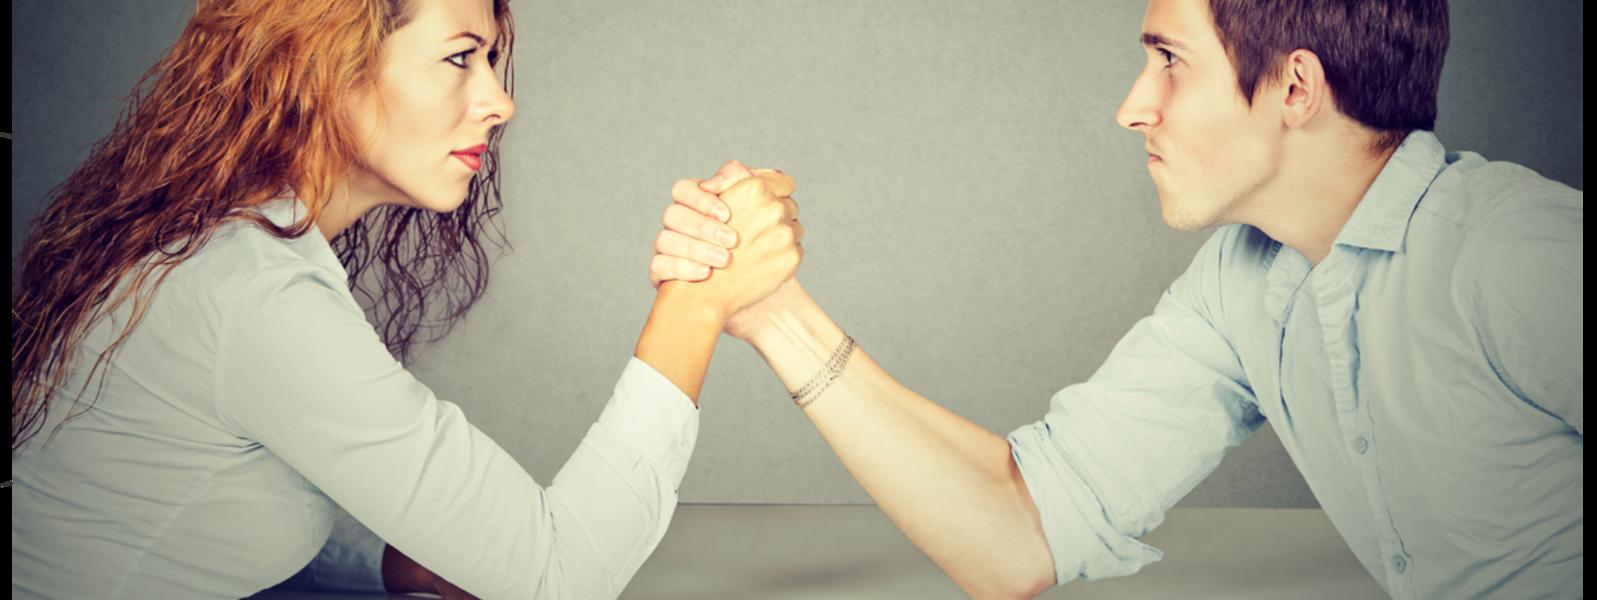 O marketing B2B está impactando sua equipe de vendas. De uma forma boa ou ruim?